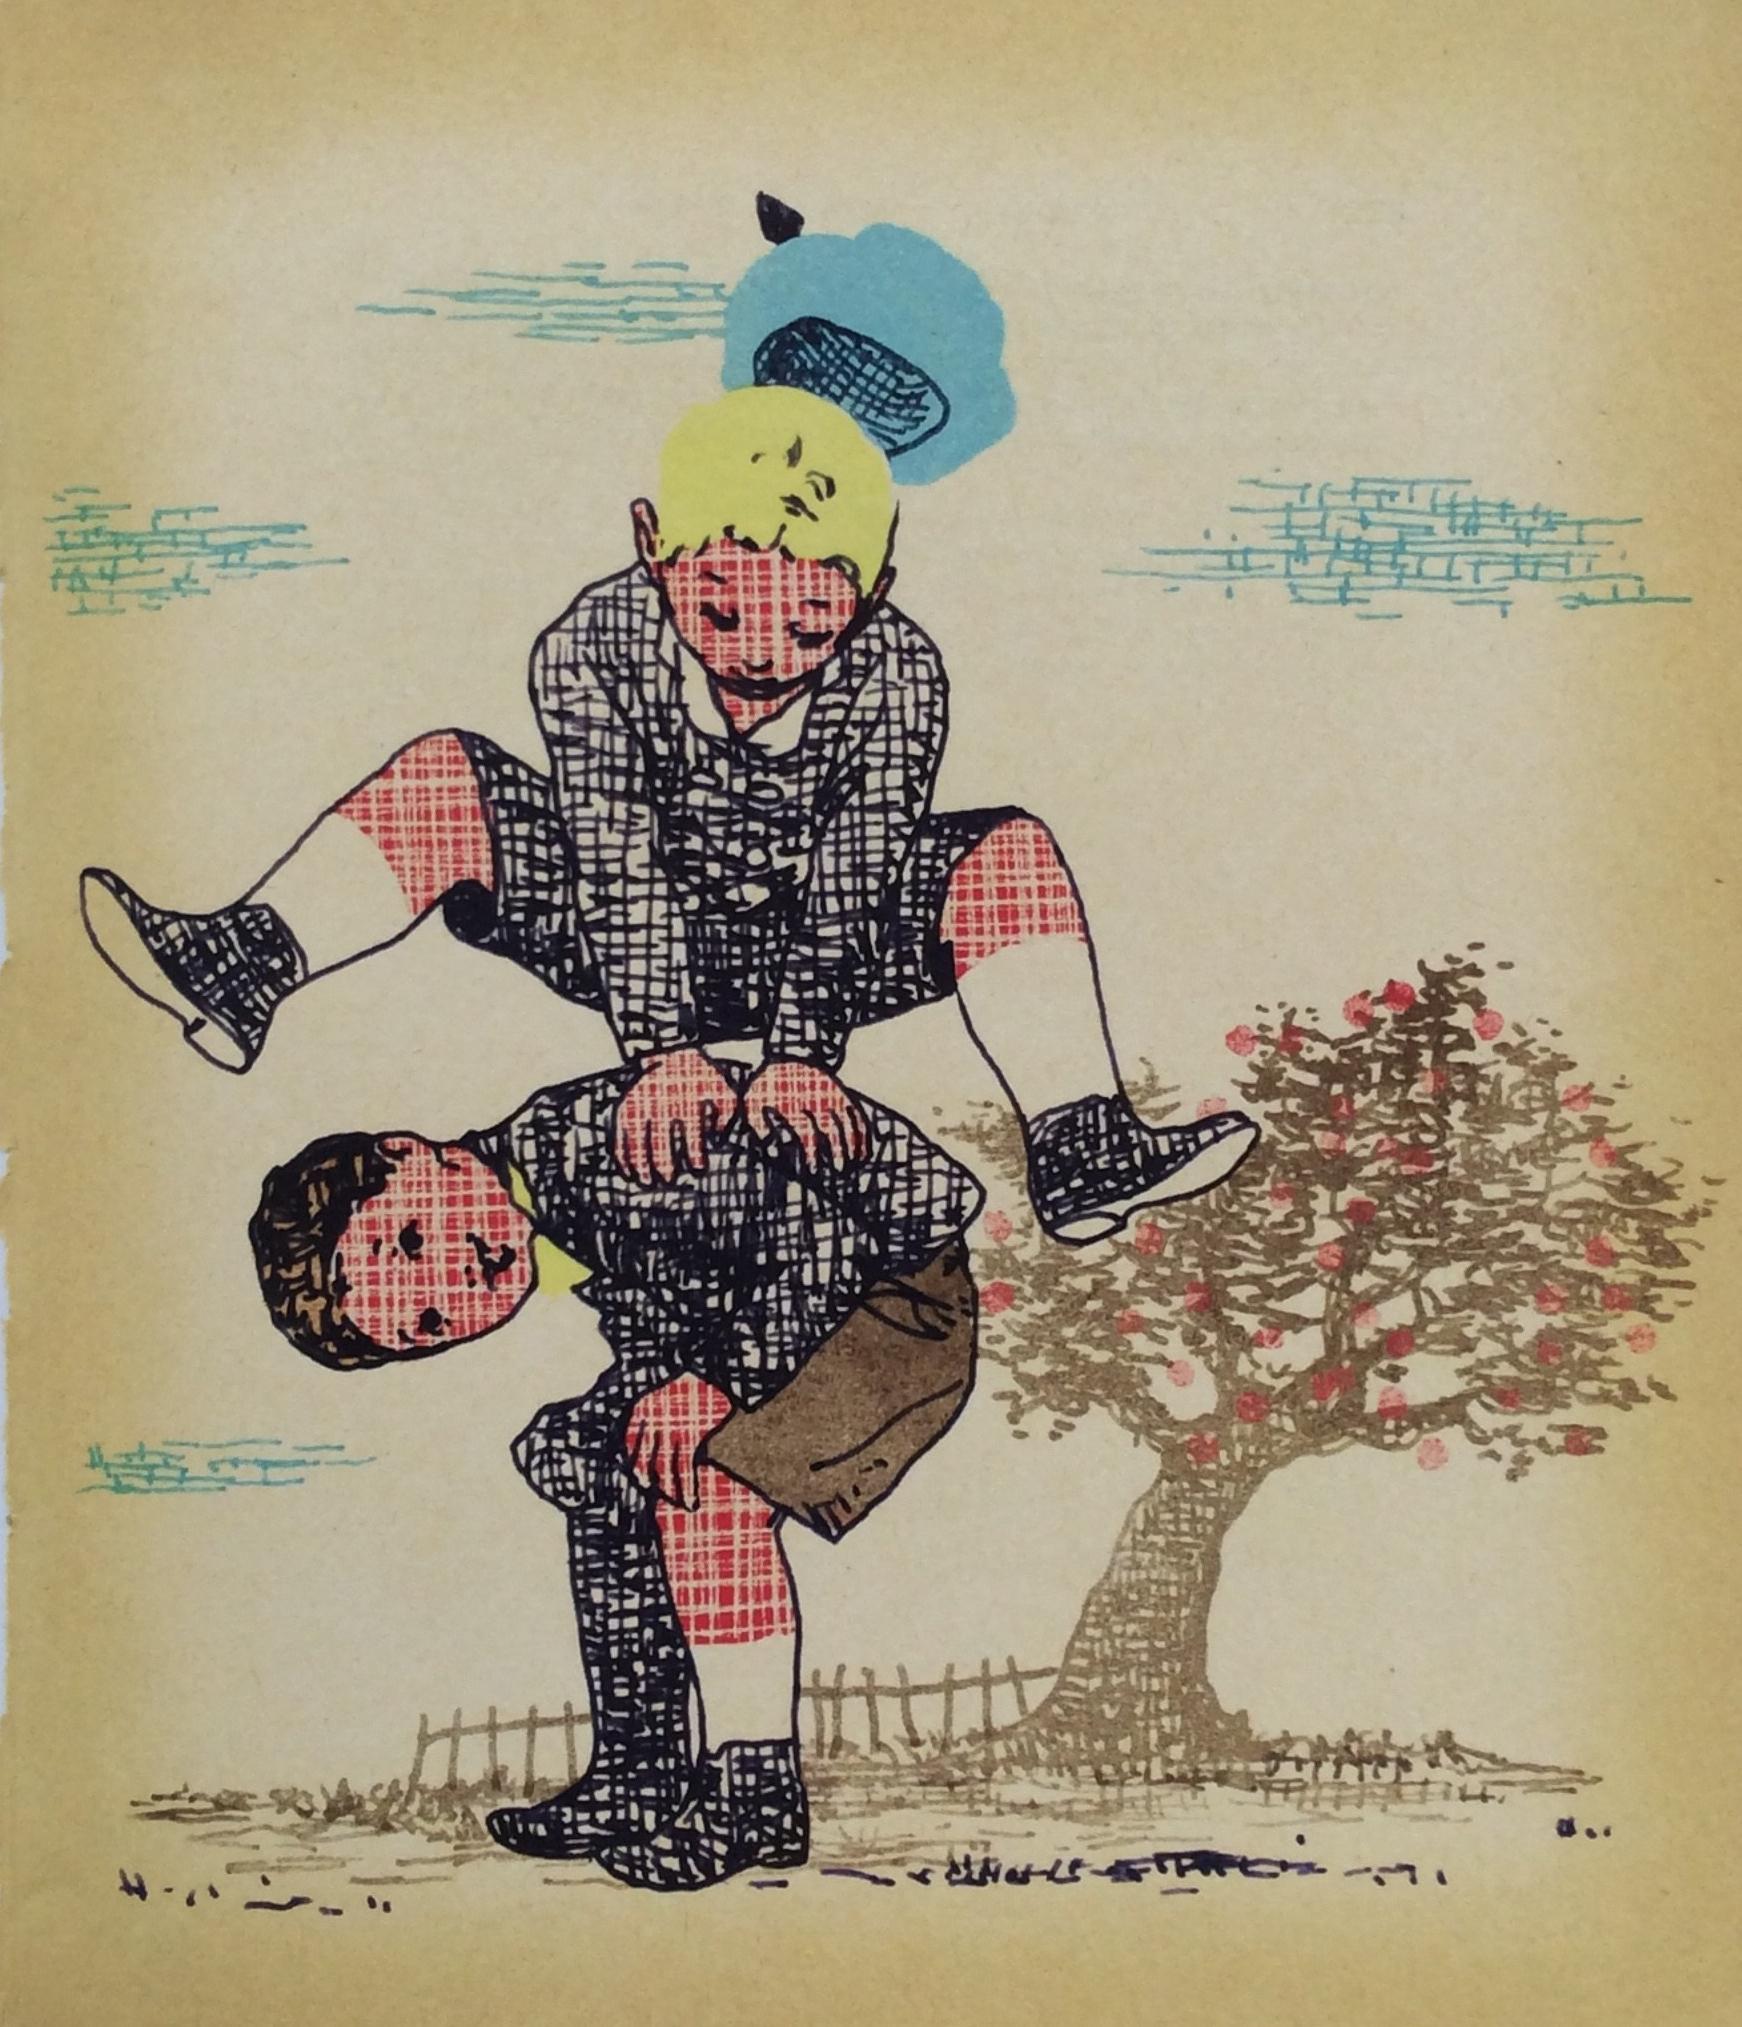 Ein Apfelbaum im Bauch, Les éditions de la courte échelle, Canada, Simon Boulerice, illustrato da Gerard DuBois - Diogenes